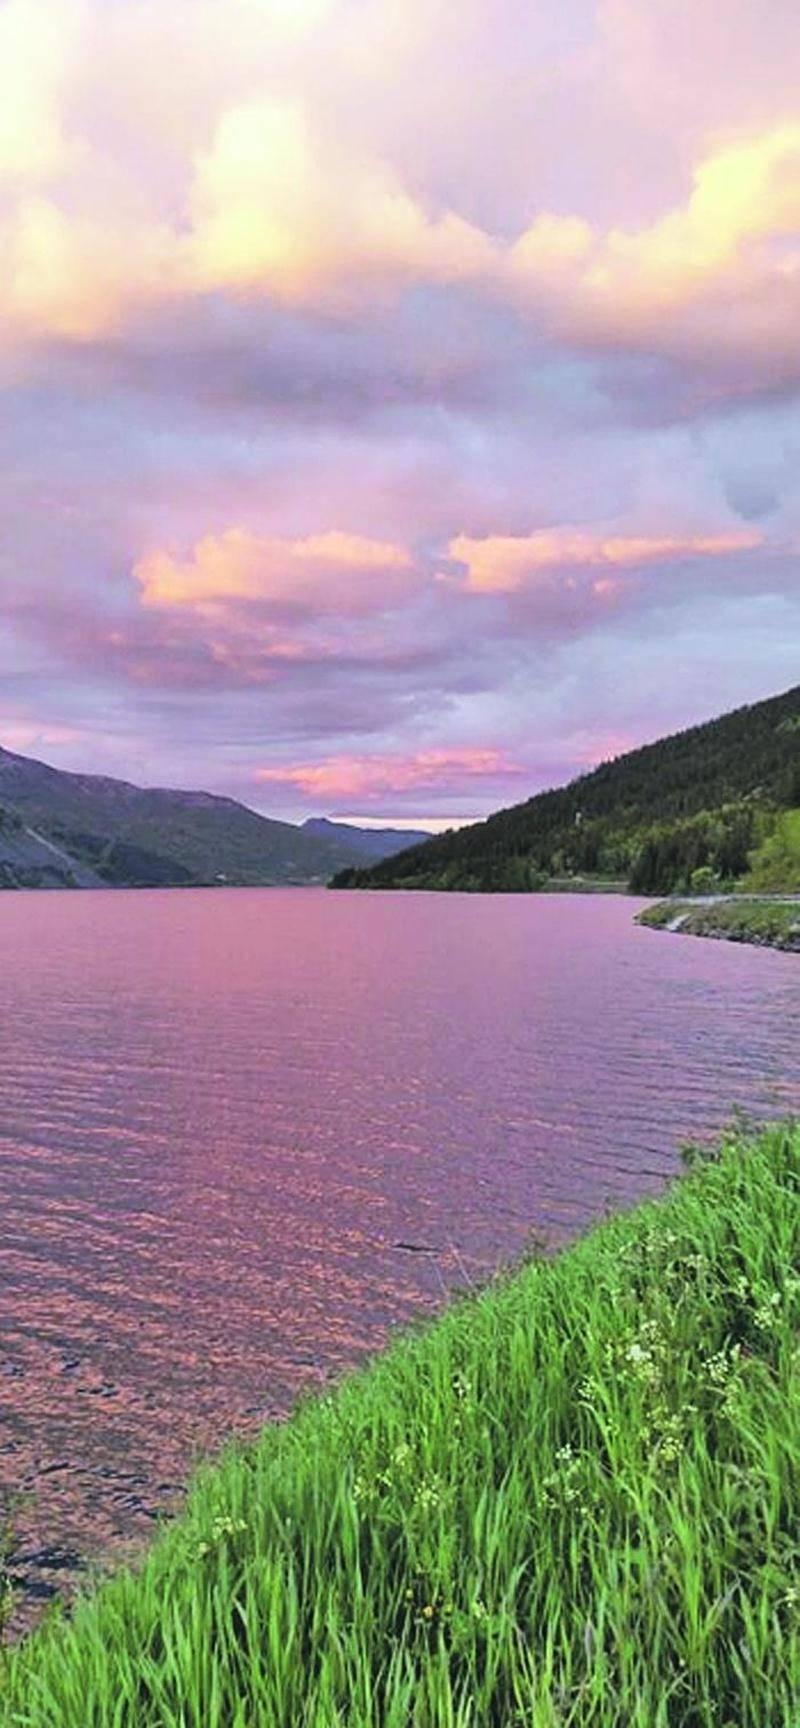 Vers 23 h, le soleil de Norvège entame sa lente descente, cédant le pas à un magnifique ciel couleur pastel. Photo Jean-Philippe St-Amand